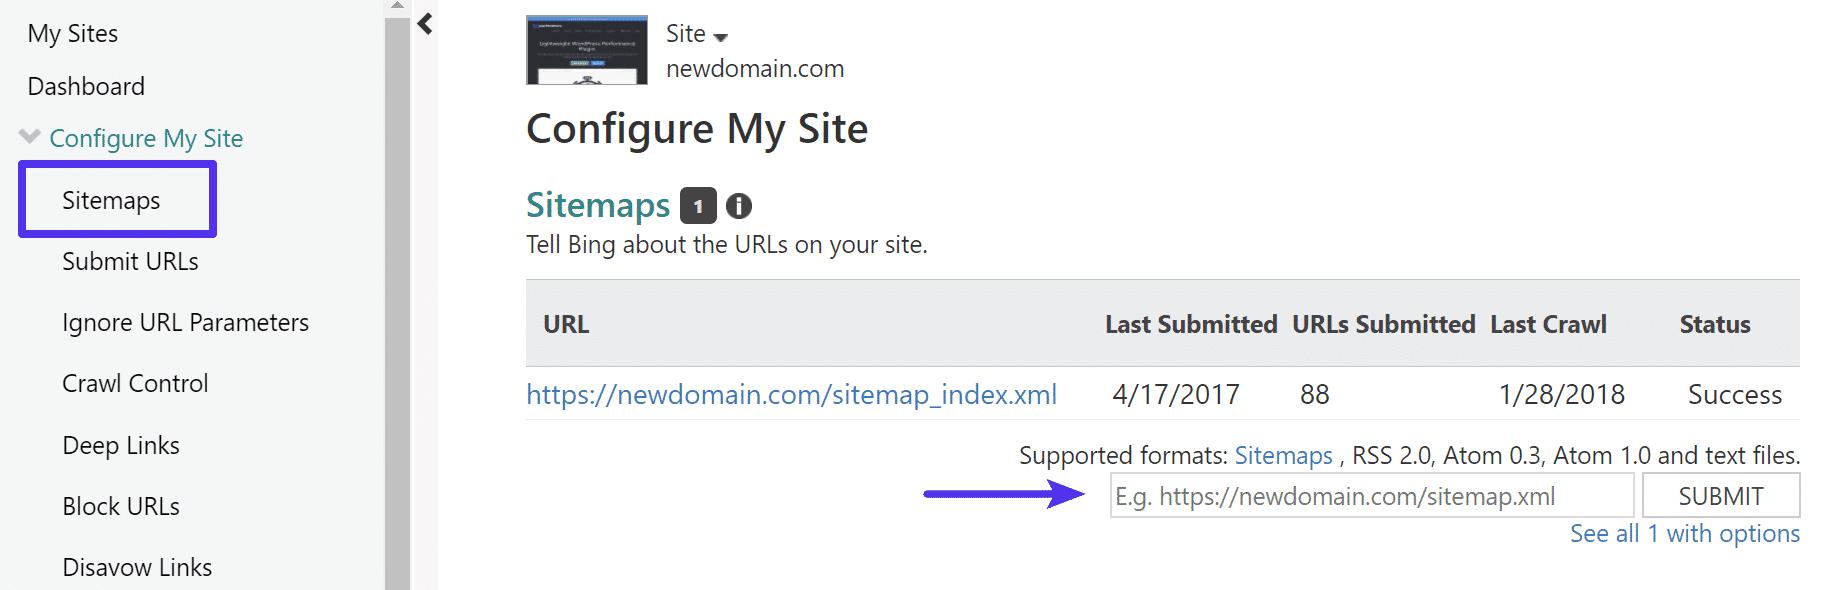 Sitemap in Bing Webmaster Tools einreichen